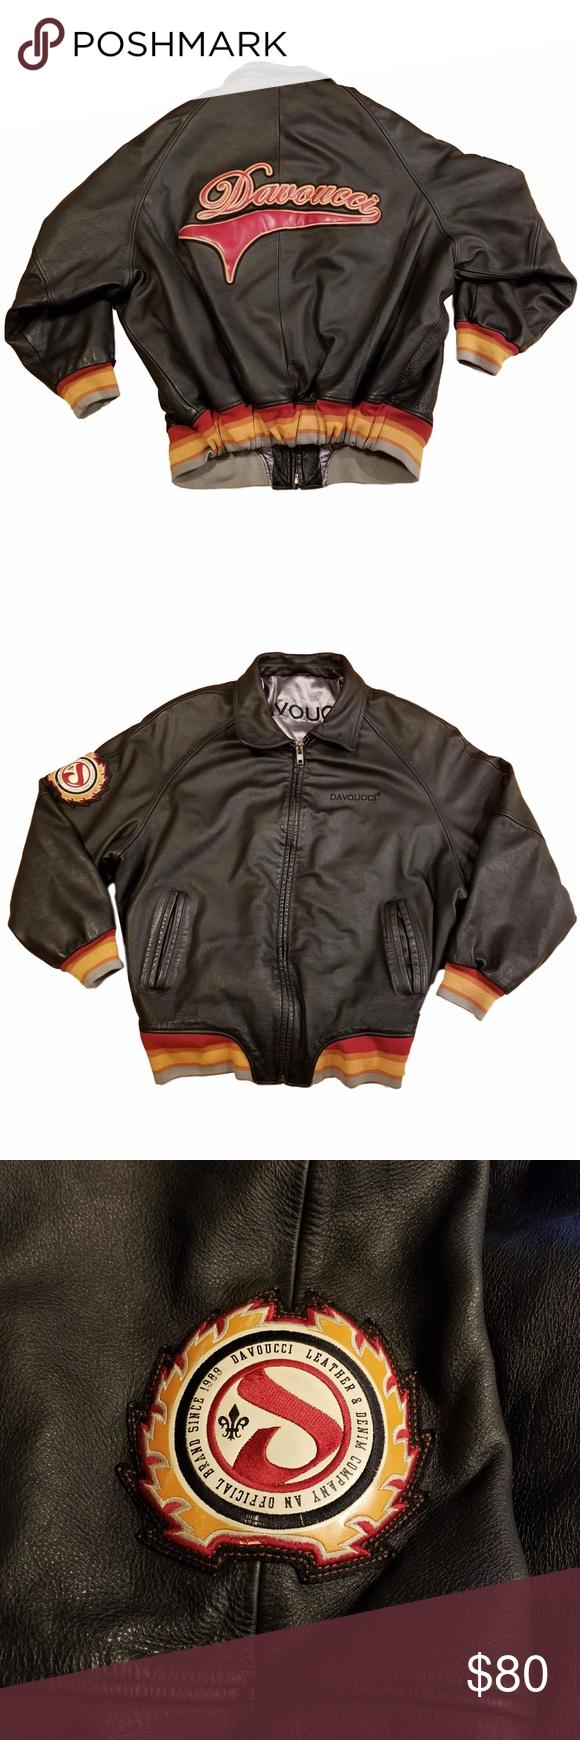 Men S Davoucci Leather Bomber Jacket Size 6xl Men S Davoucci Leather Bomber Jacket Varsity Style Script Big Leather Bomber Jacket Leather Bomber Clothes Design [ png ]